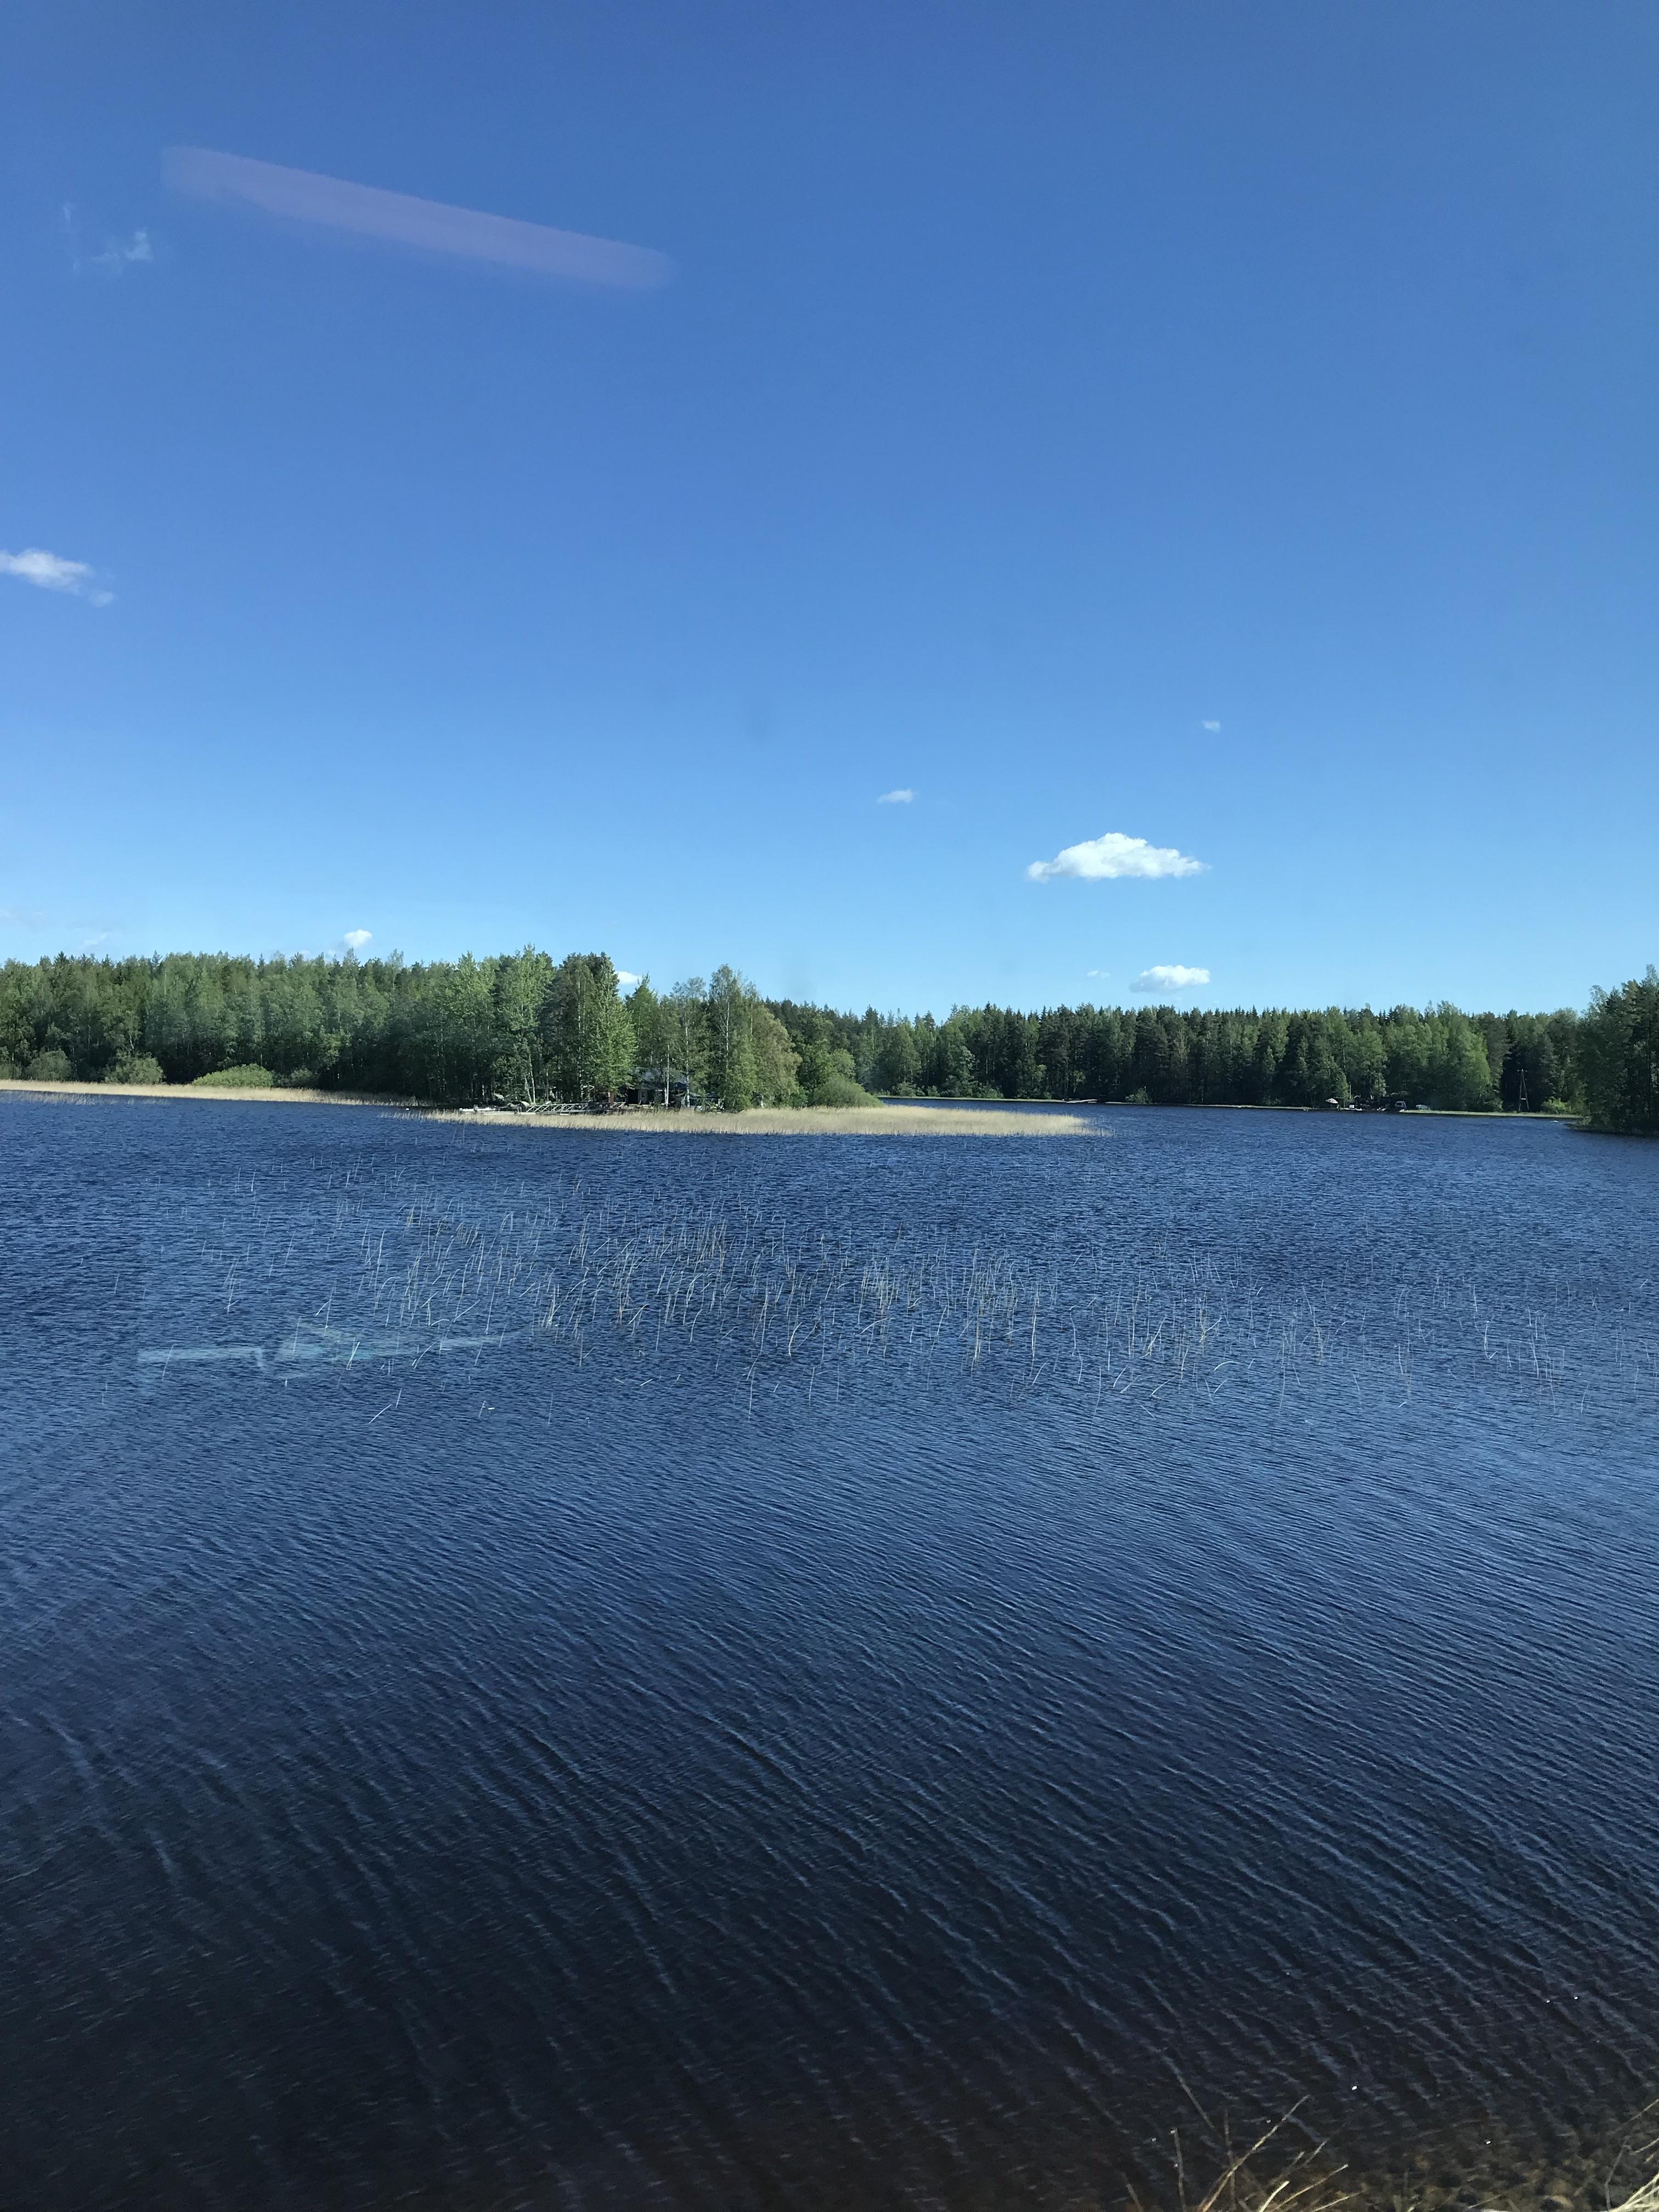 Near Jyvaskyla